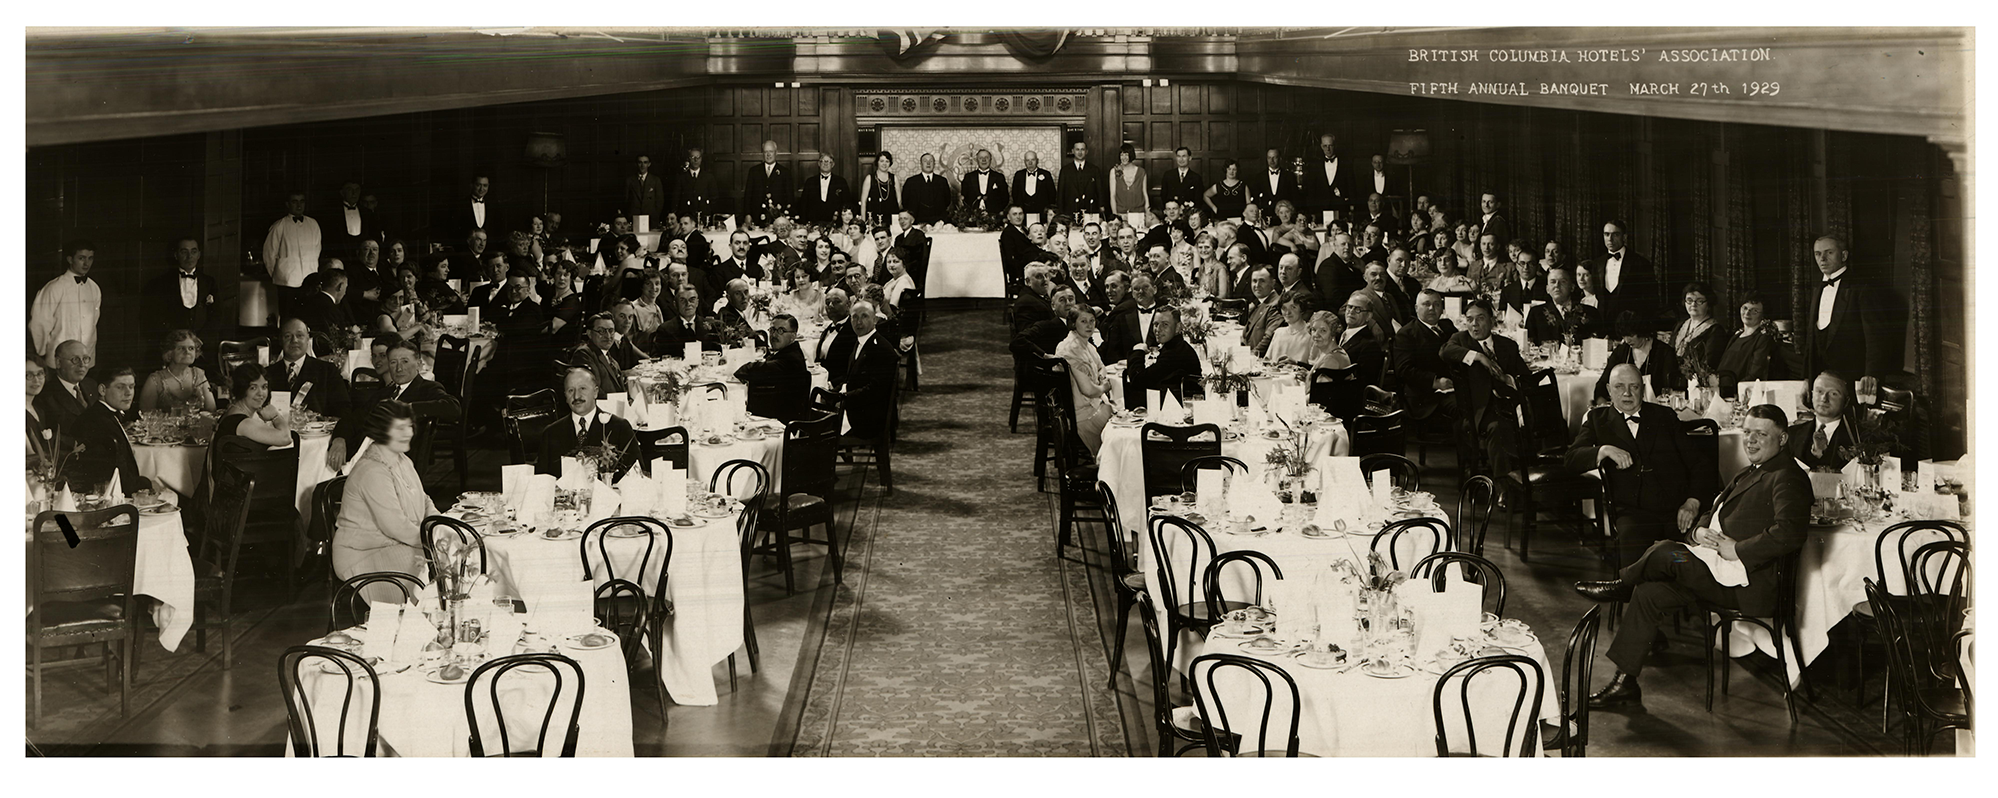 BCHA 5th Annual Banquet, 1929